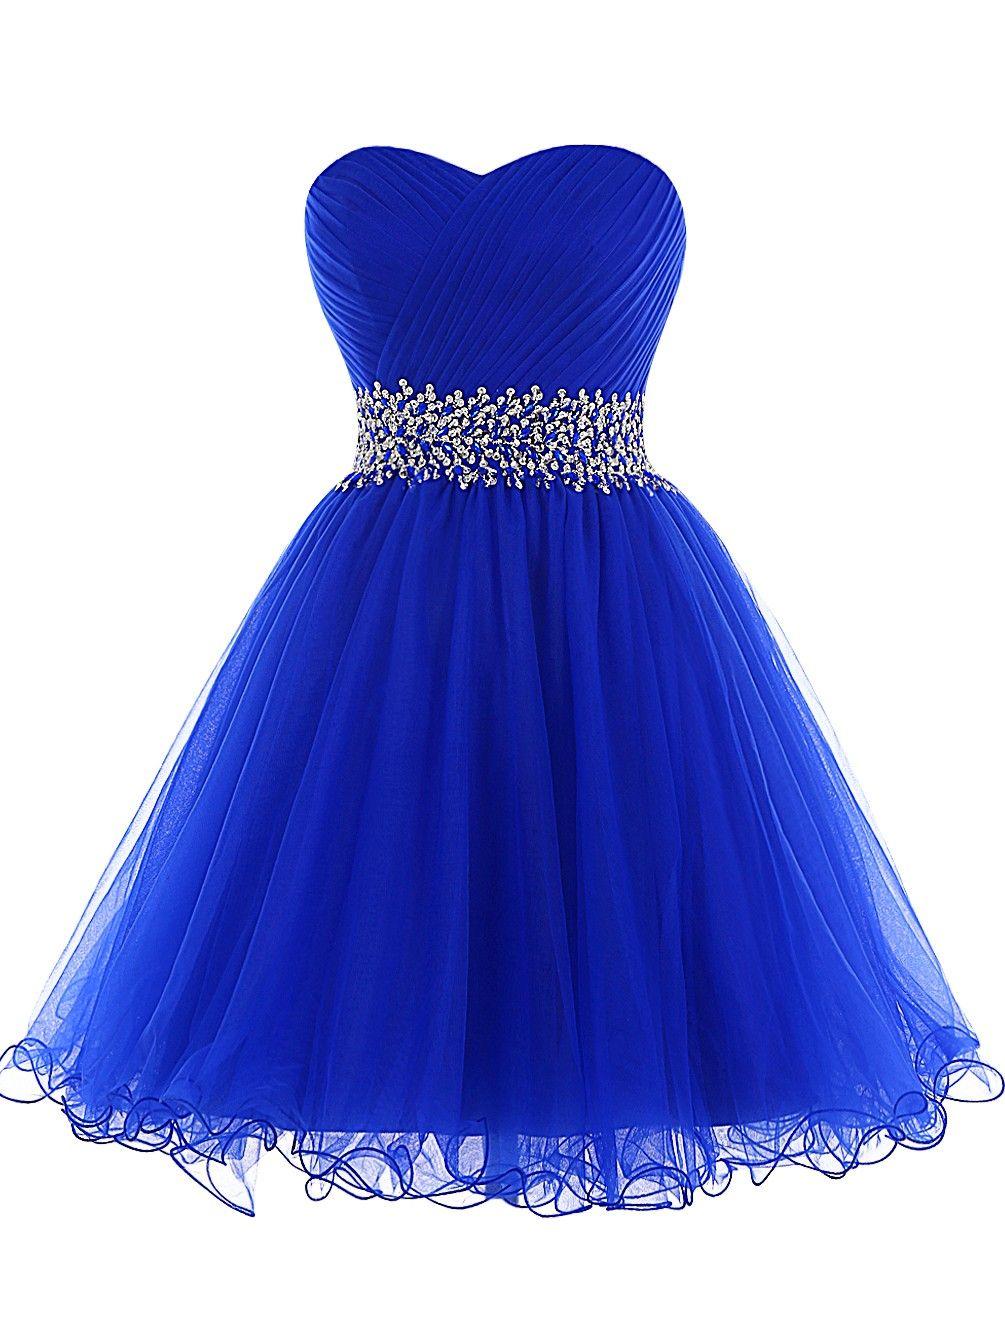 69c0e281a1f 109.89 USD Prom Dress